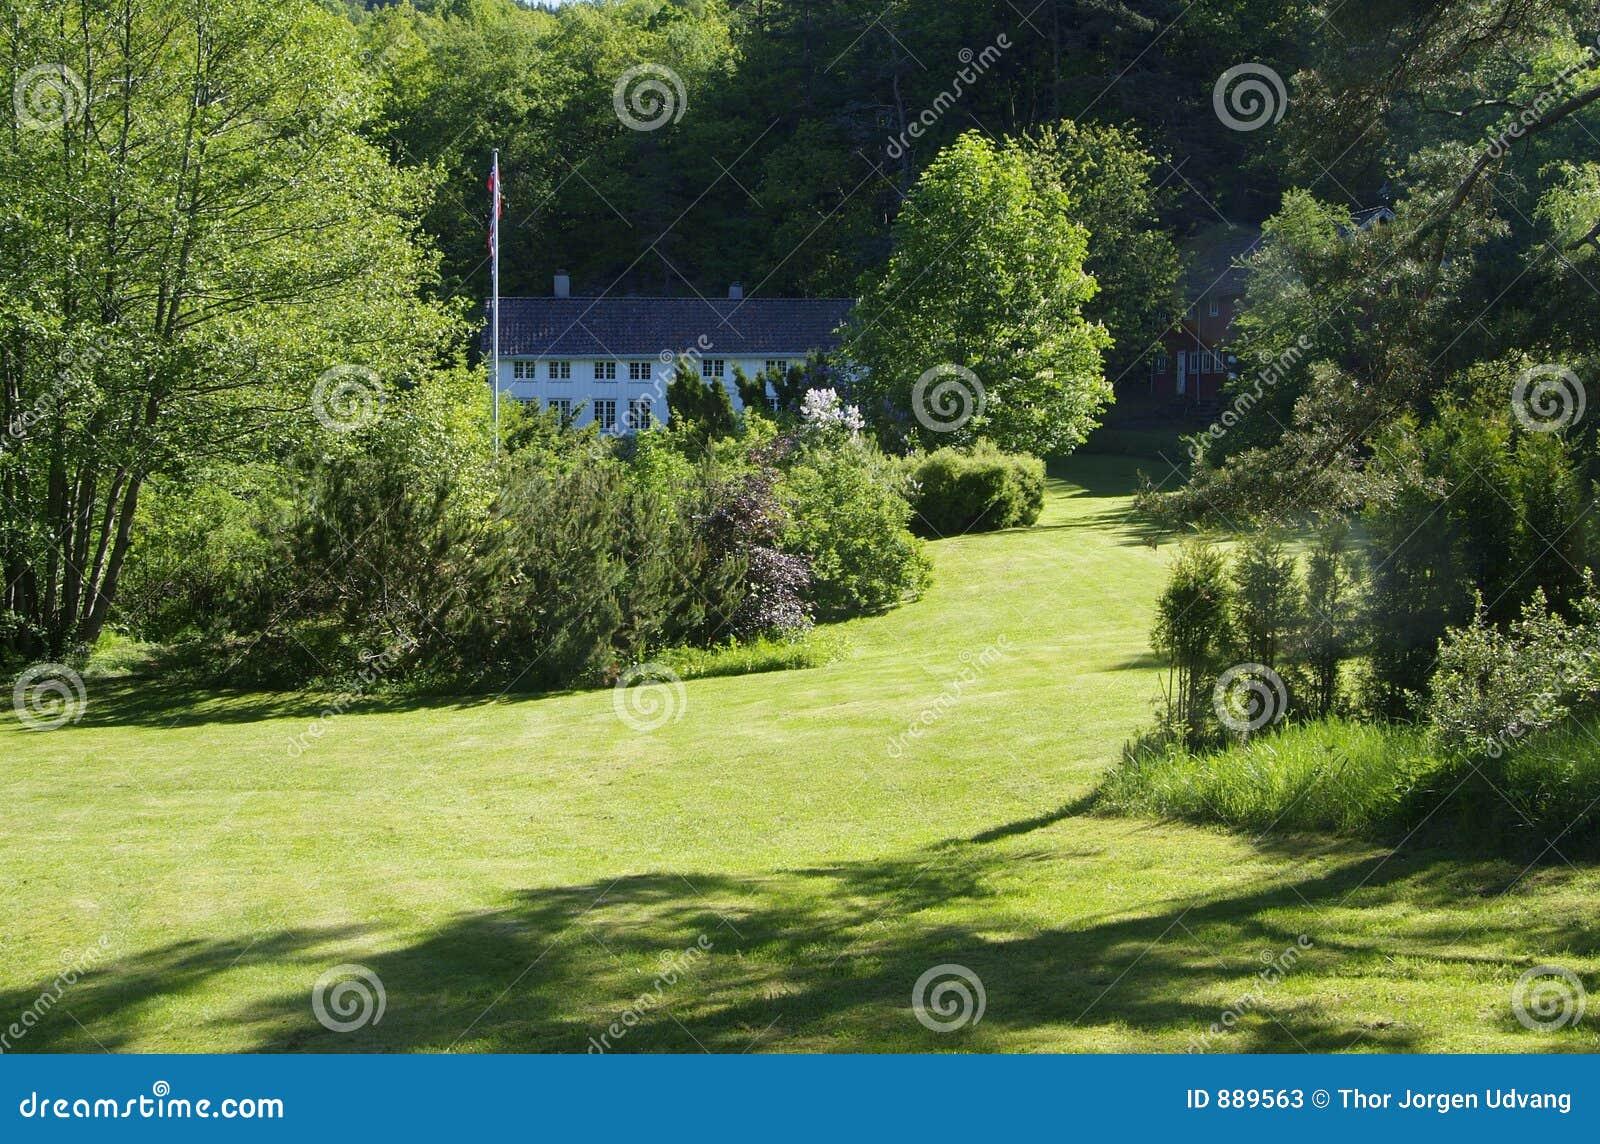 fotos de jardim grande:Big House with Garden